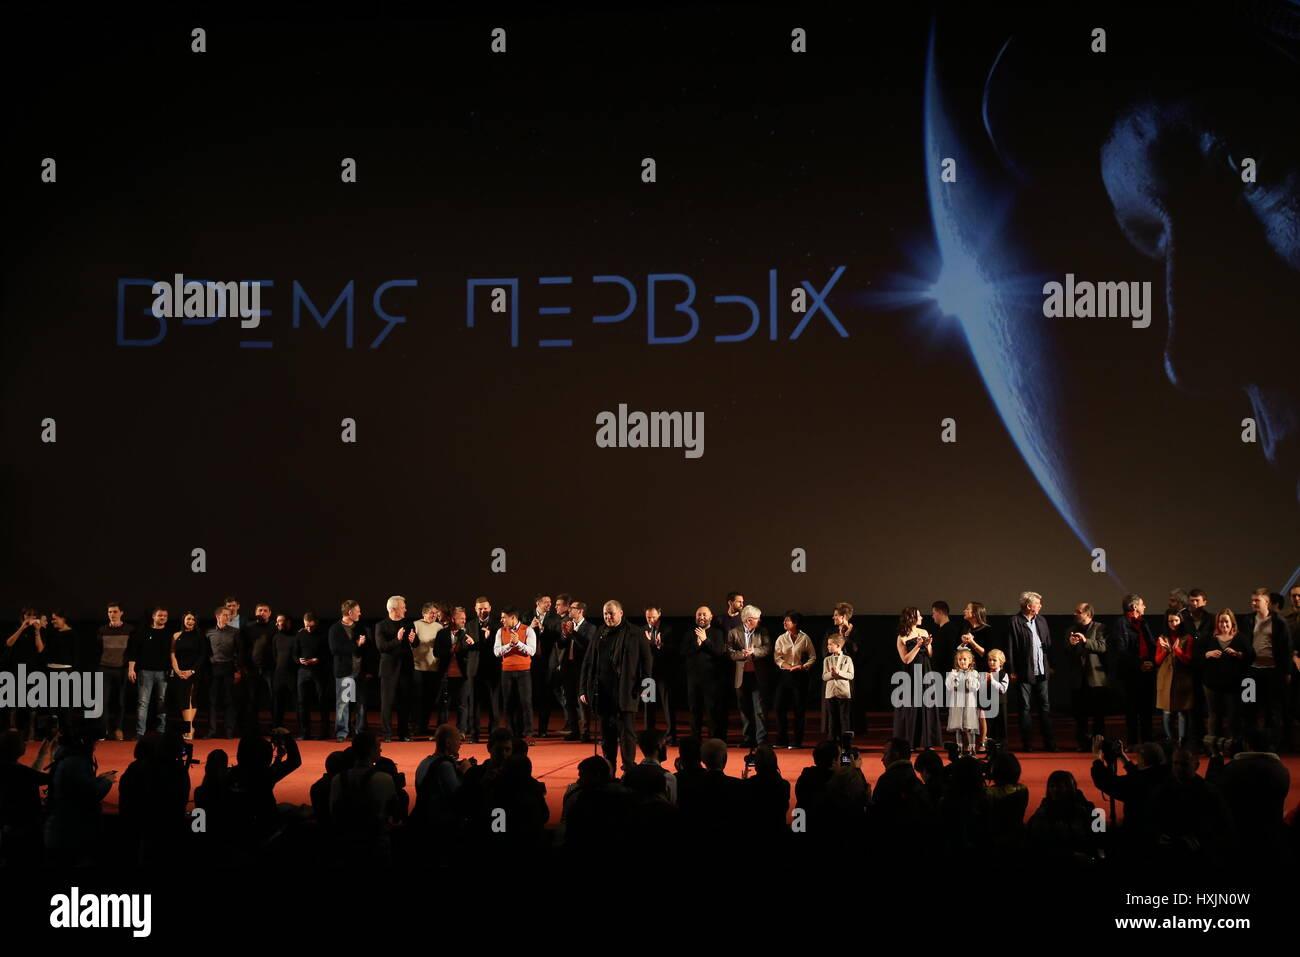 Moscou, Russie. Mar 29, 2017. La première mondiale de Moscou directeur cinématographique russe Dmitriy Photo Stock